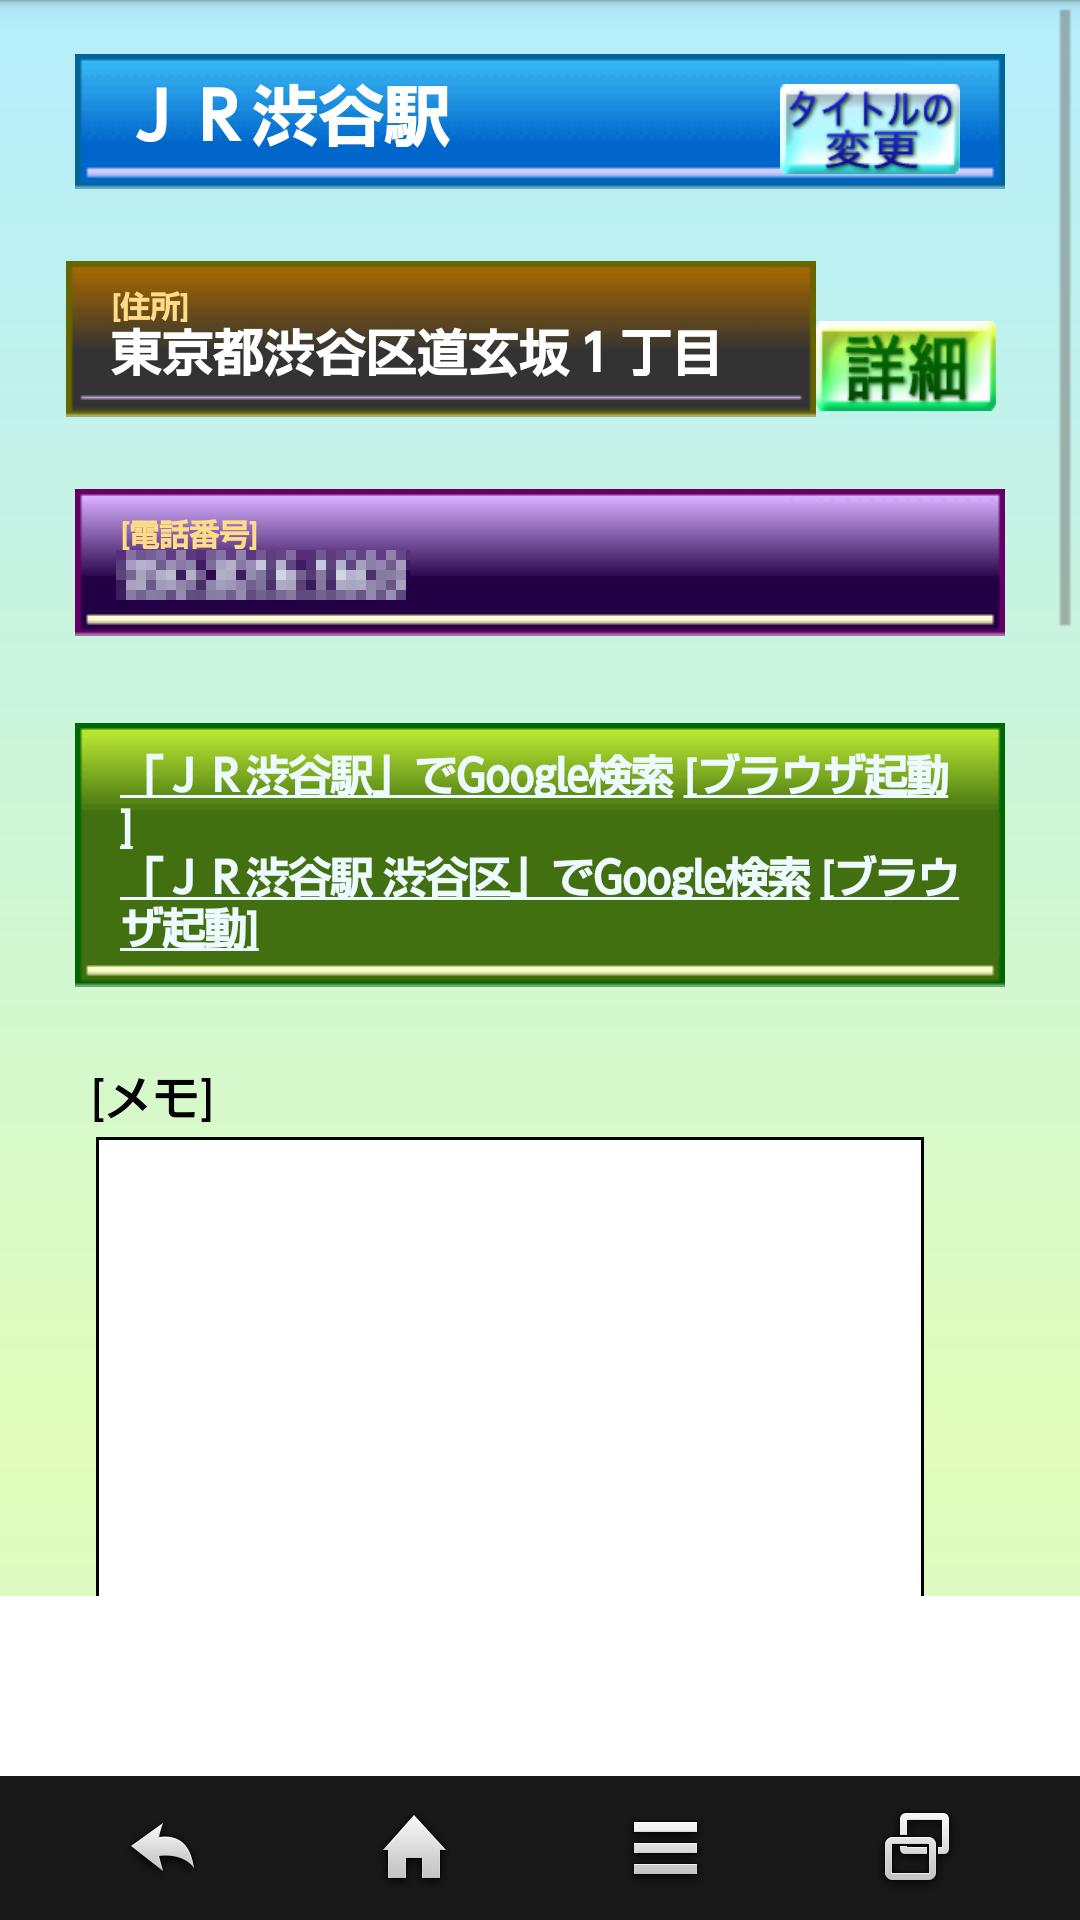 Androidツール・ナビゲーションアプリ「周辺便利ナビ」画面2